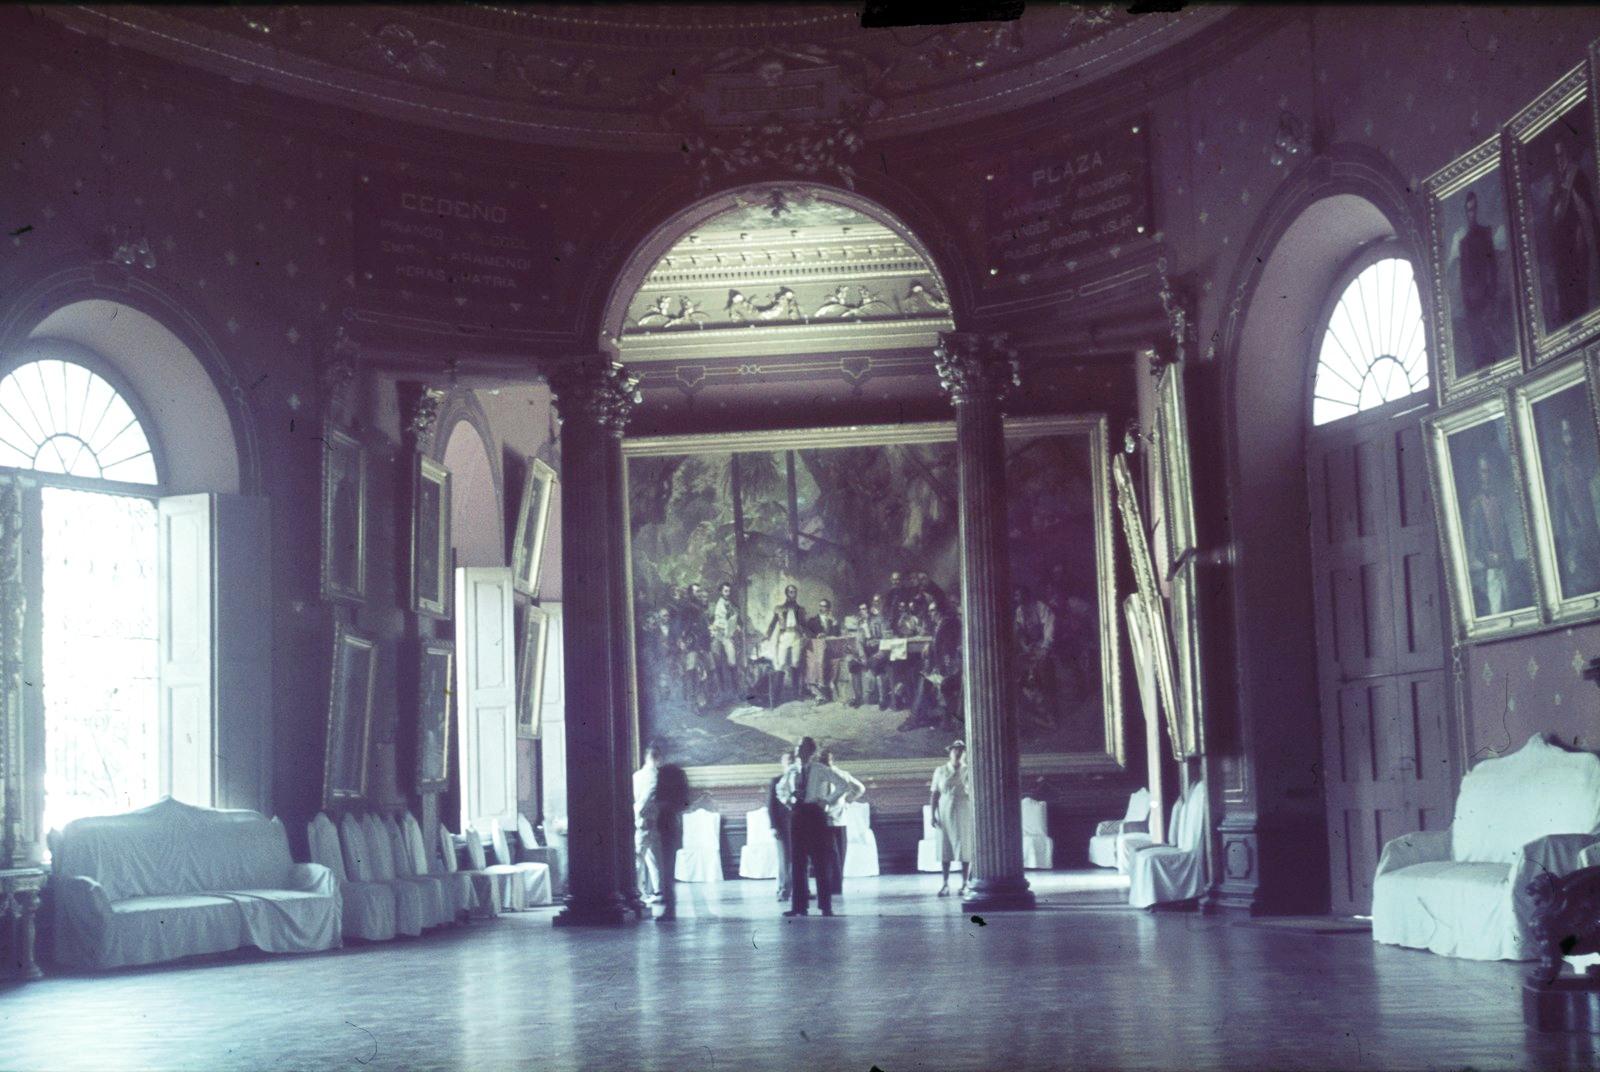 Венесуэла. Зал с монументальными картинами Мартина Товара-и-Товара